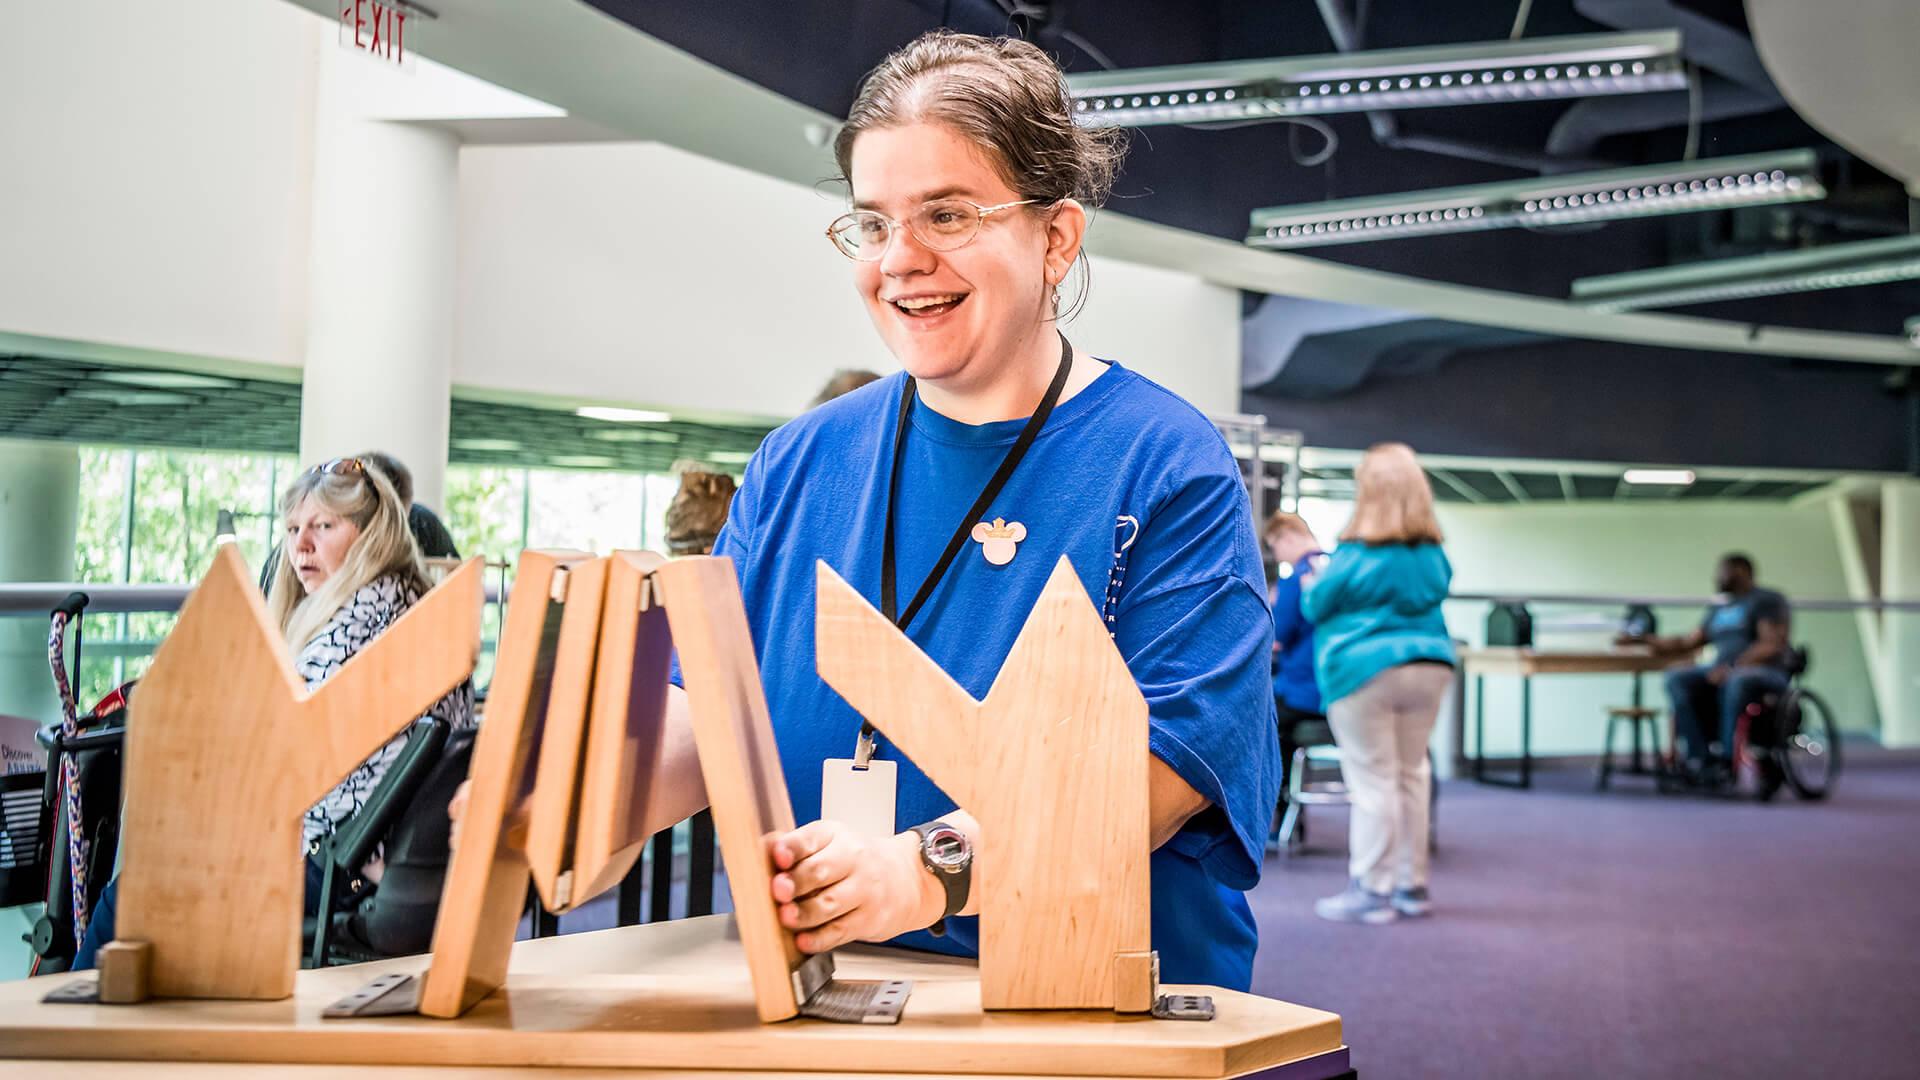 Volunteer interacts with a bridge-building exhibit at Orlando Science Center.